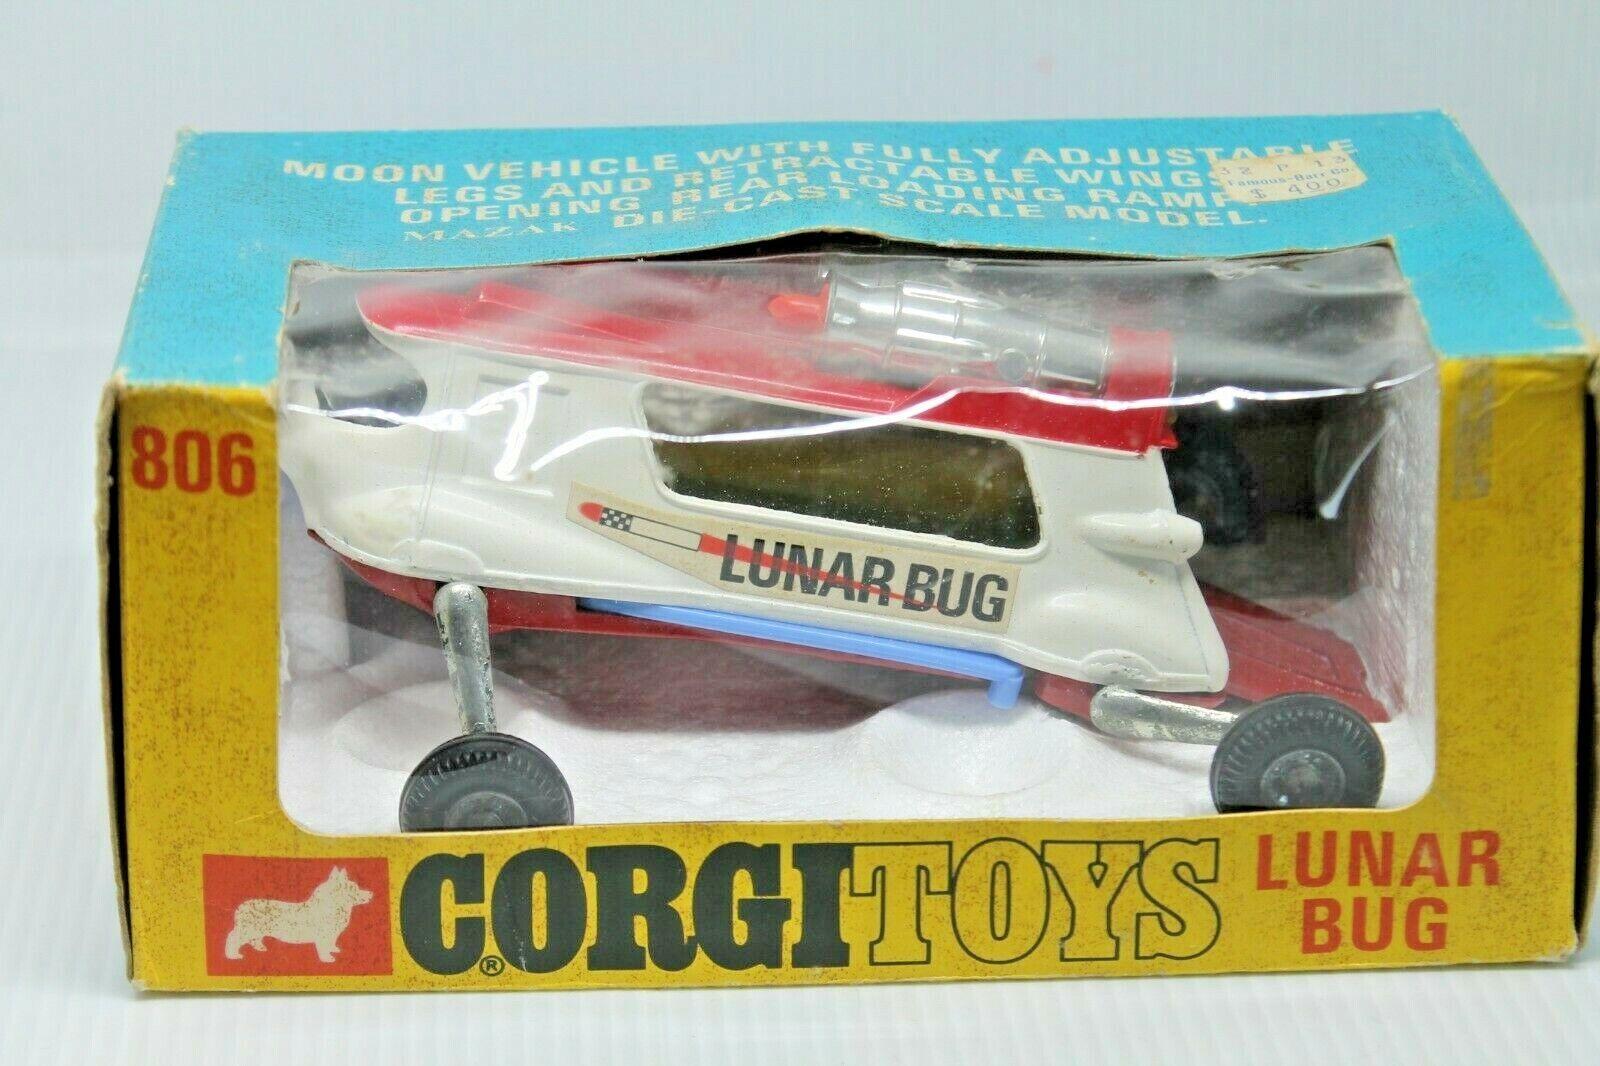 CORGI TOYS 806  Lunar Bug  Neuf dans sa boîte  ORIGINAL